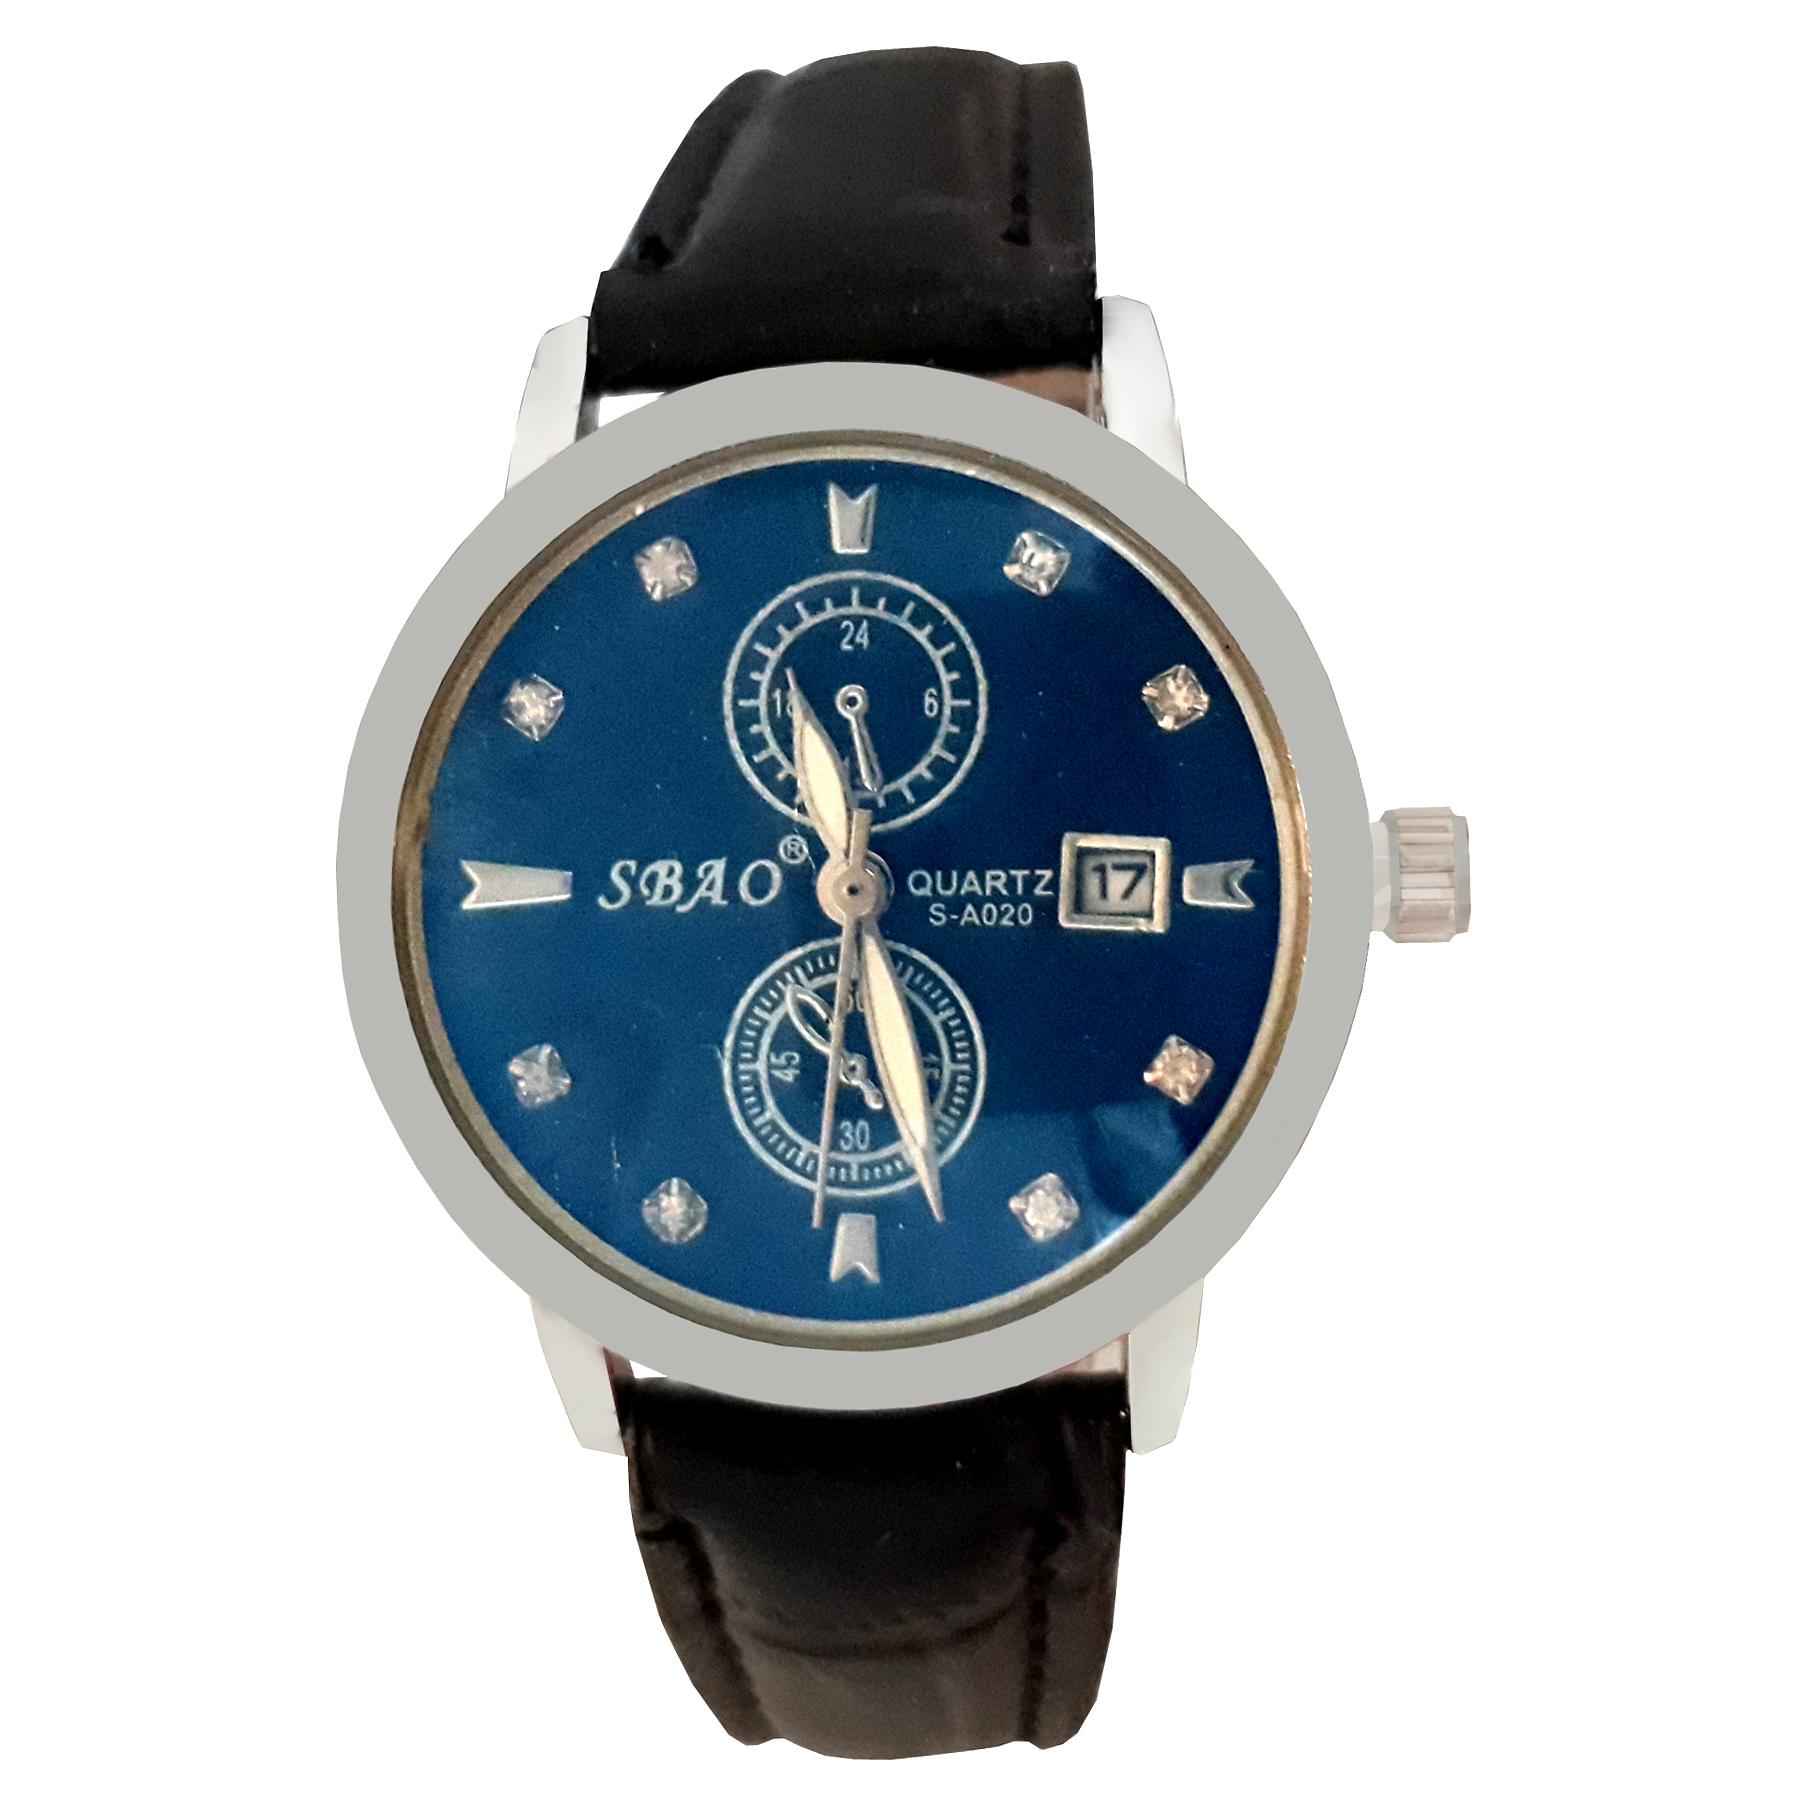 خرید و قیمت                      ساعت مچی  زنانه سباو مدل s-a020 کد 1